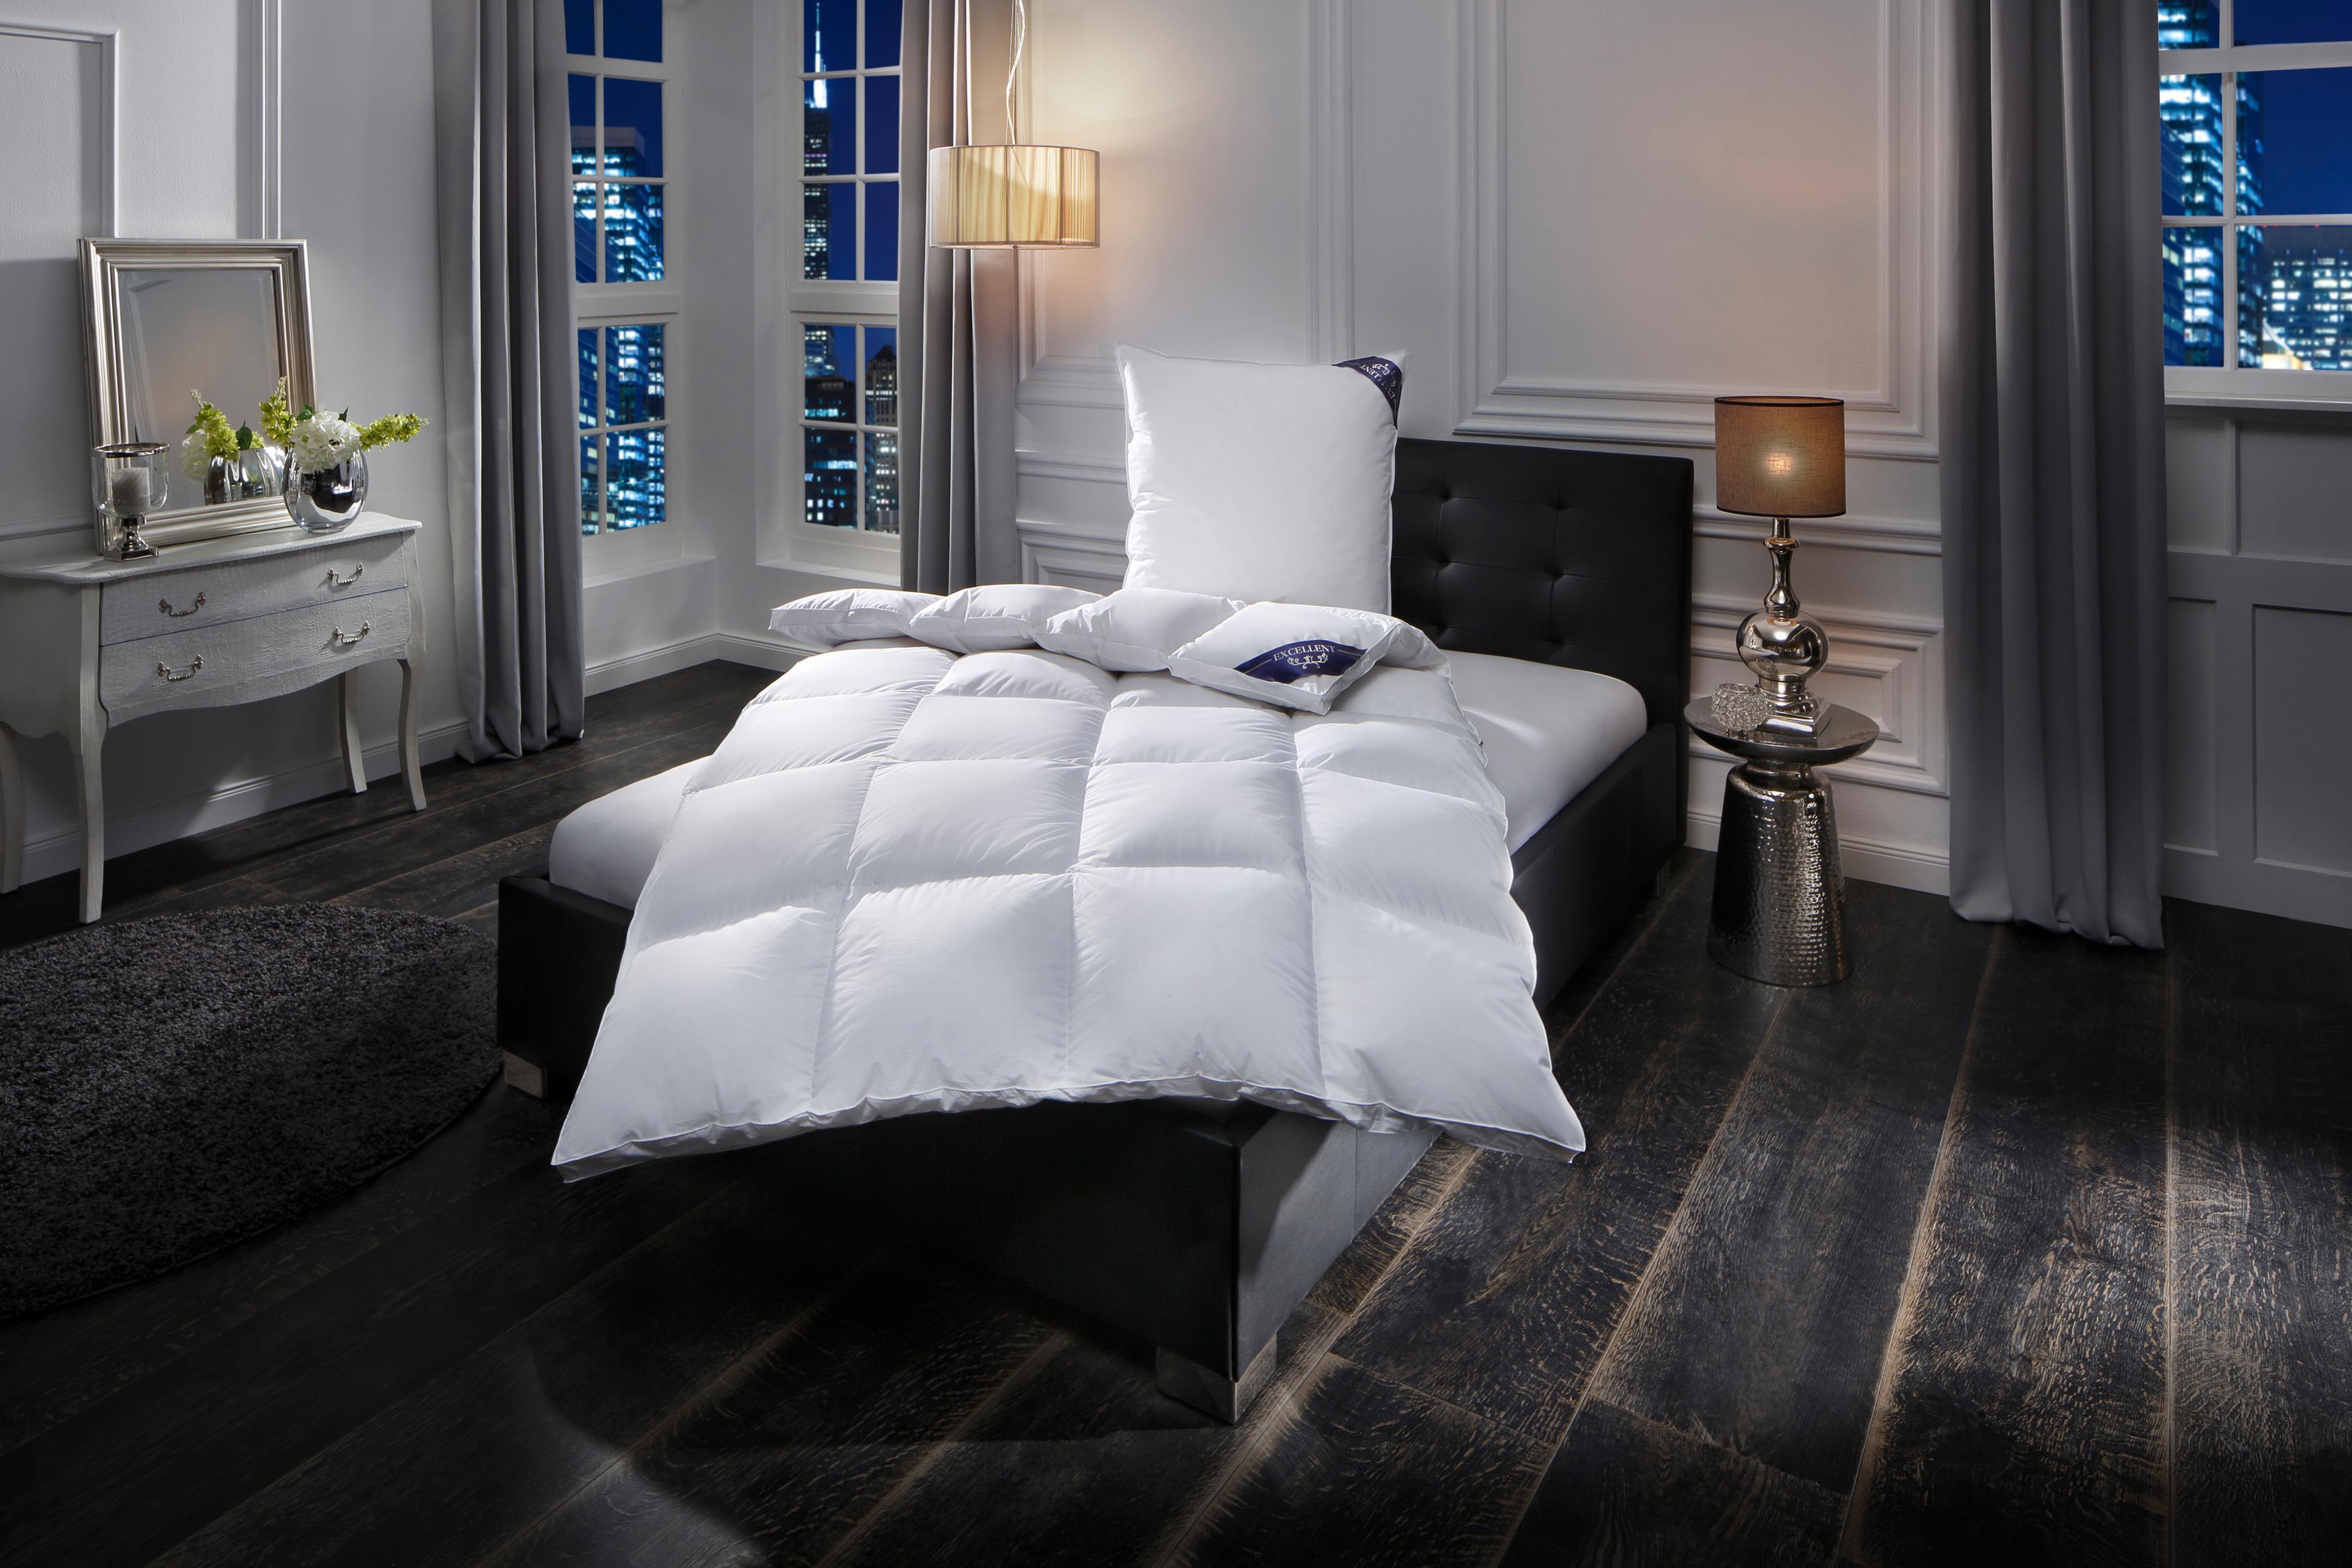 Gänsedaunenbettdecke Premium Excellent extrawarm Füllung: 100% Gänsedaunen Bezug: 100% Baumwolle | Heimtextilien > Decken und Kissen > Bettdecken | Weiß | Excellent